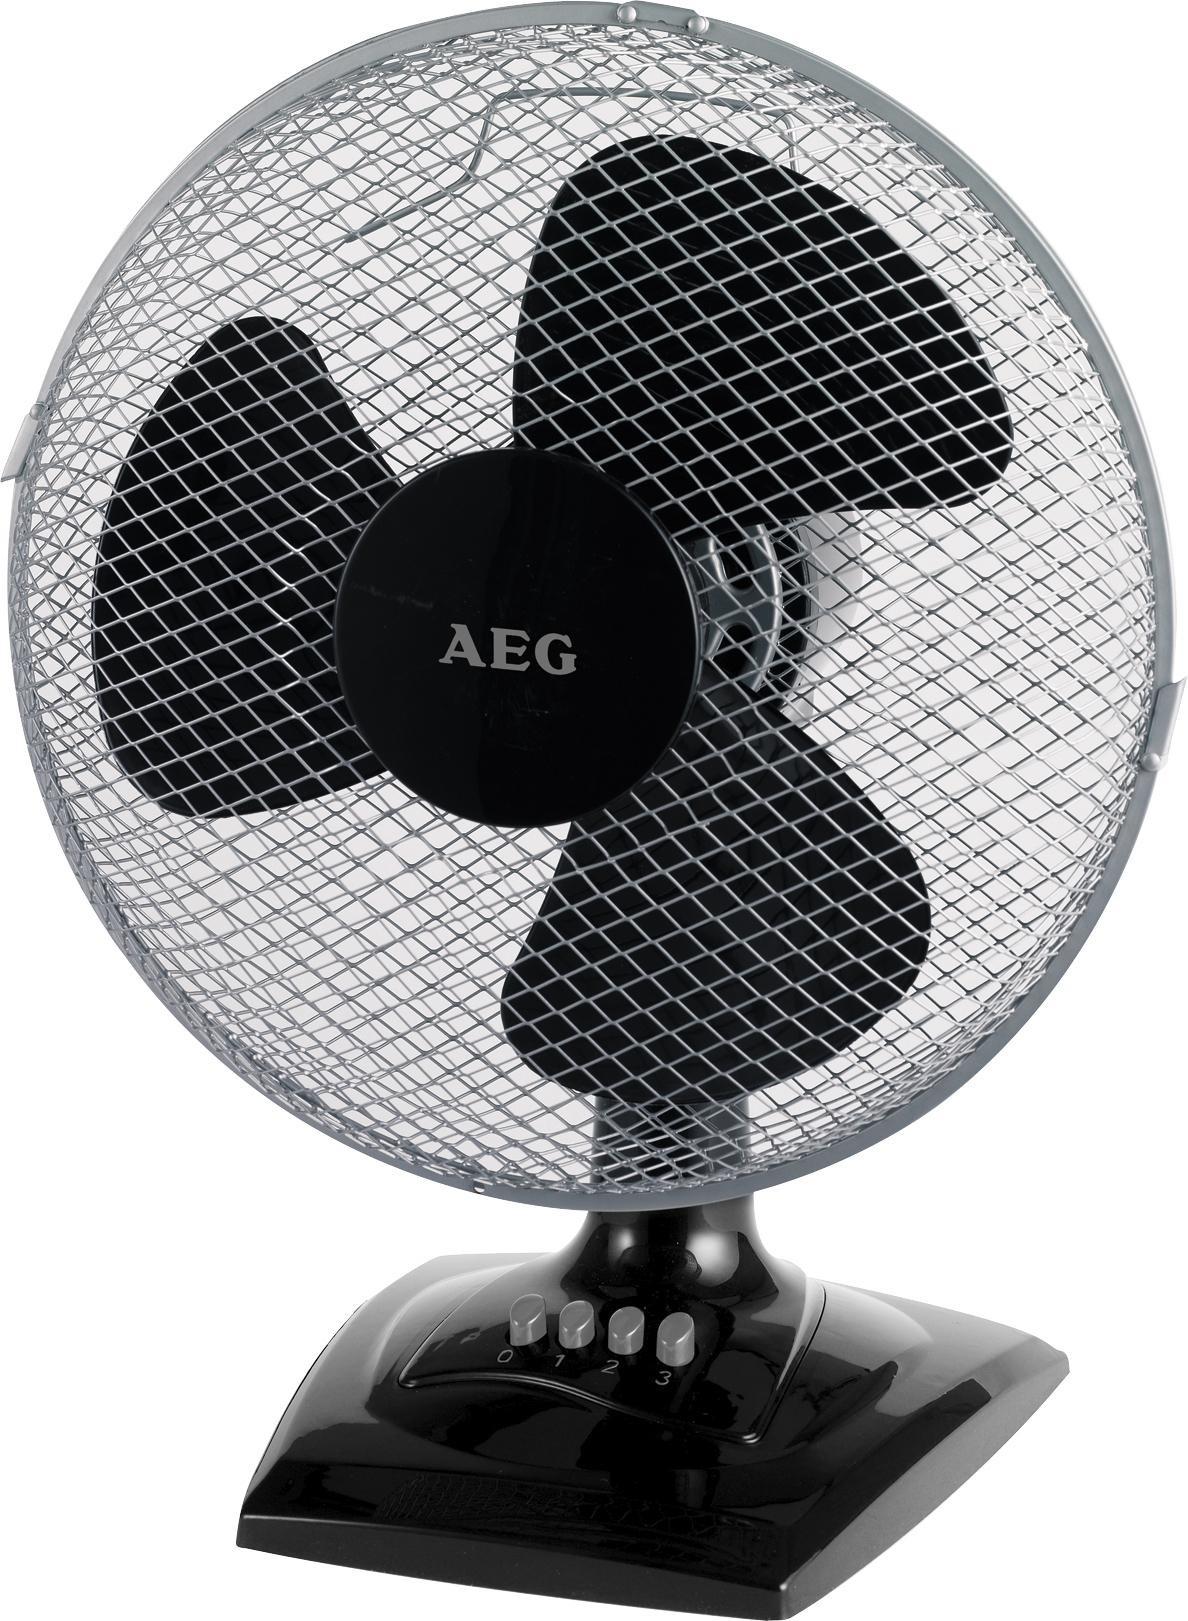 AEG VL 5529 bord / væg ventilator, Ø30 cm